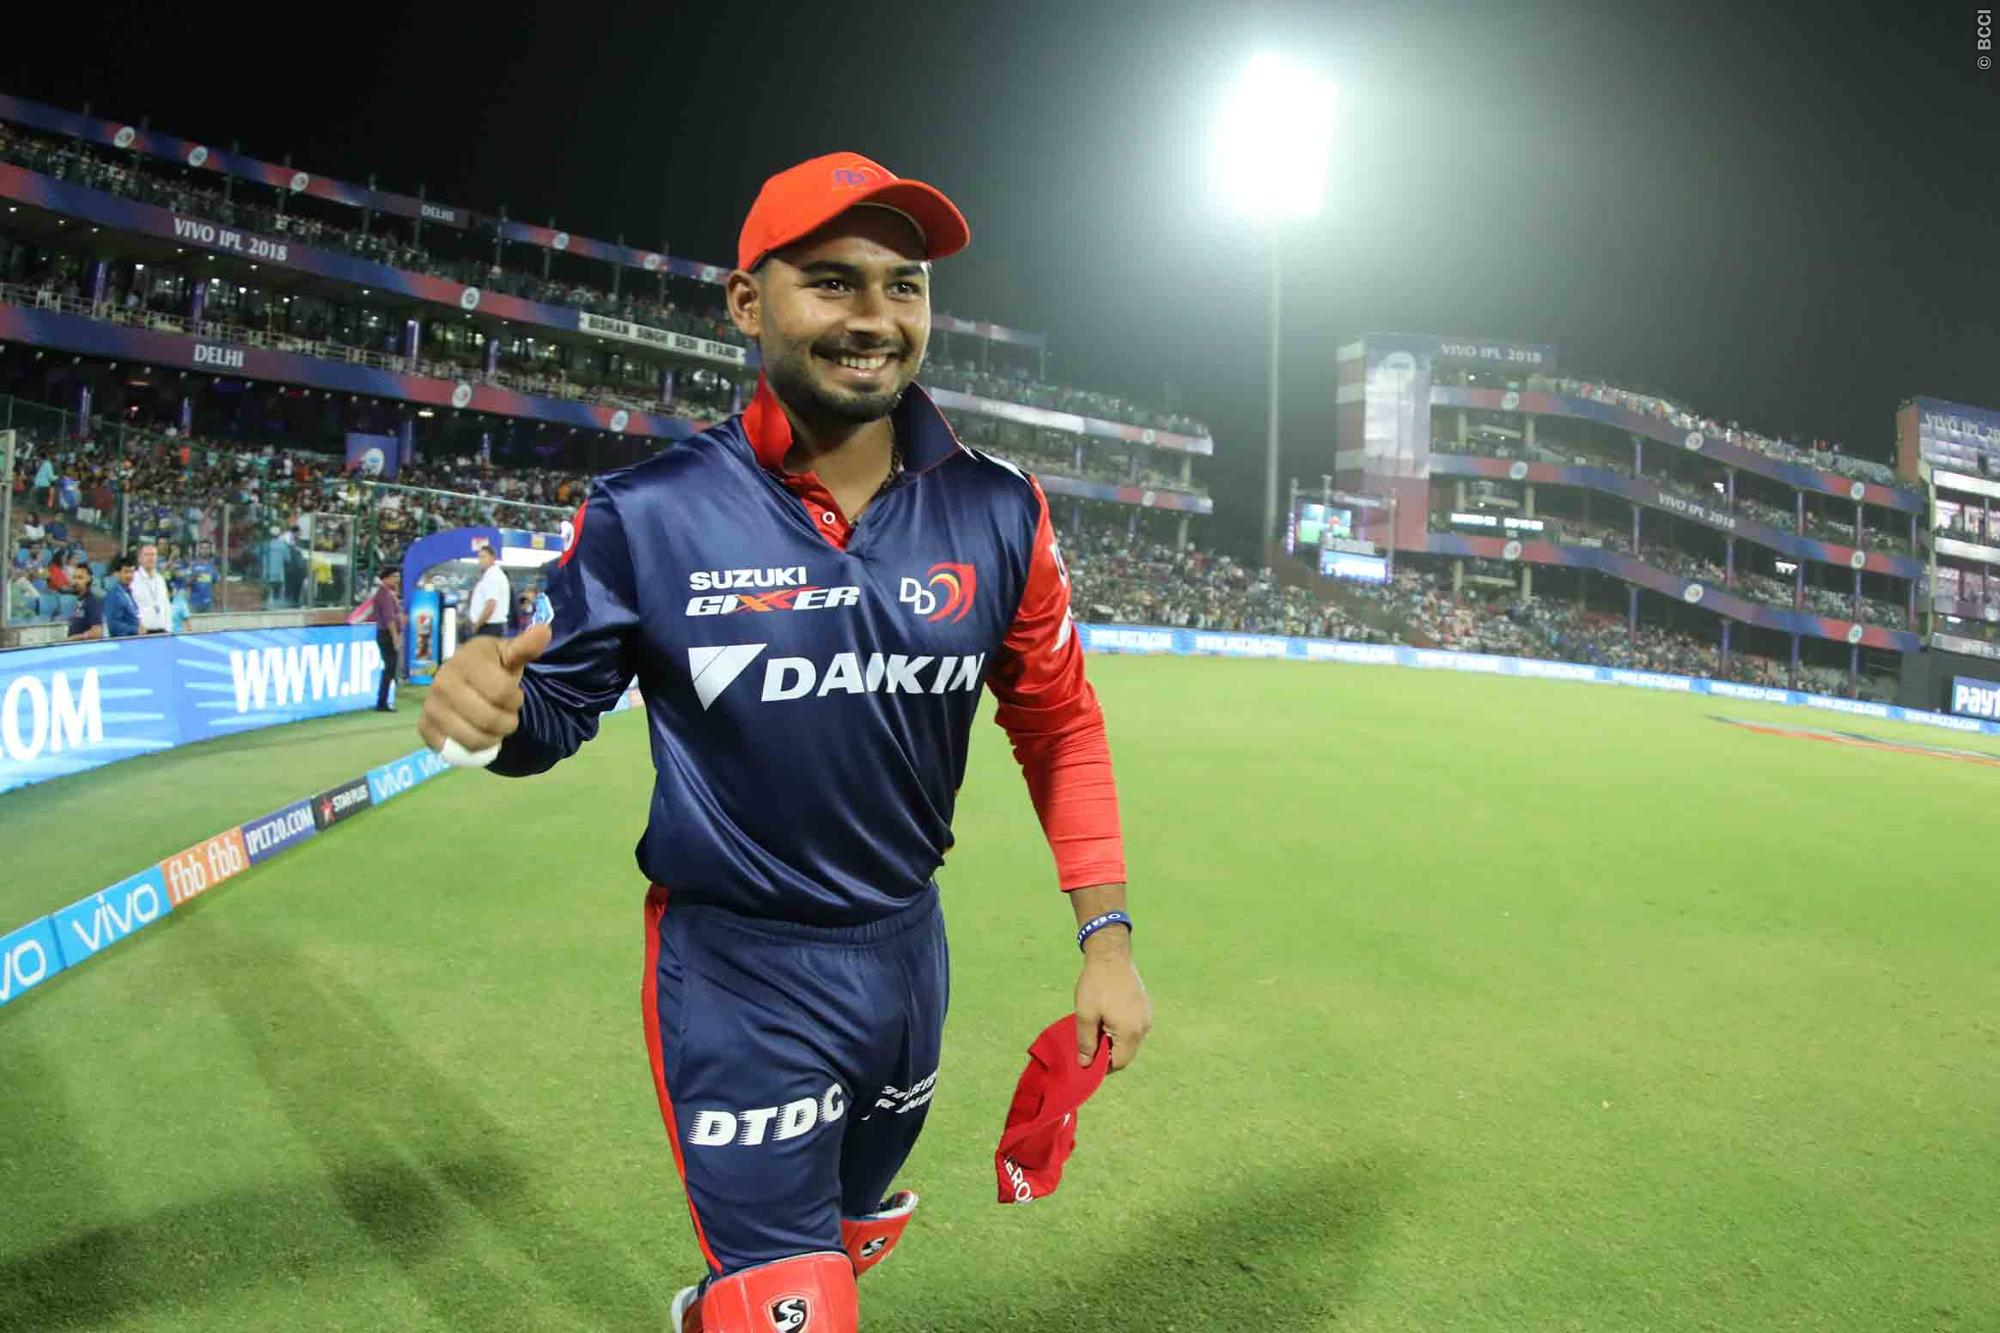 'ভারতীয় ক্রিকেটকে অনেকদিন সেবা করবেন ঋষভ পন্থ', বললেন কোচ তারক সিনহা 1